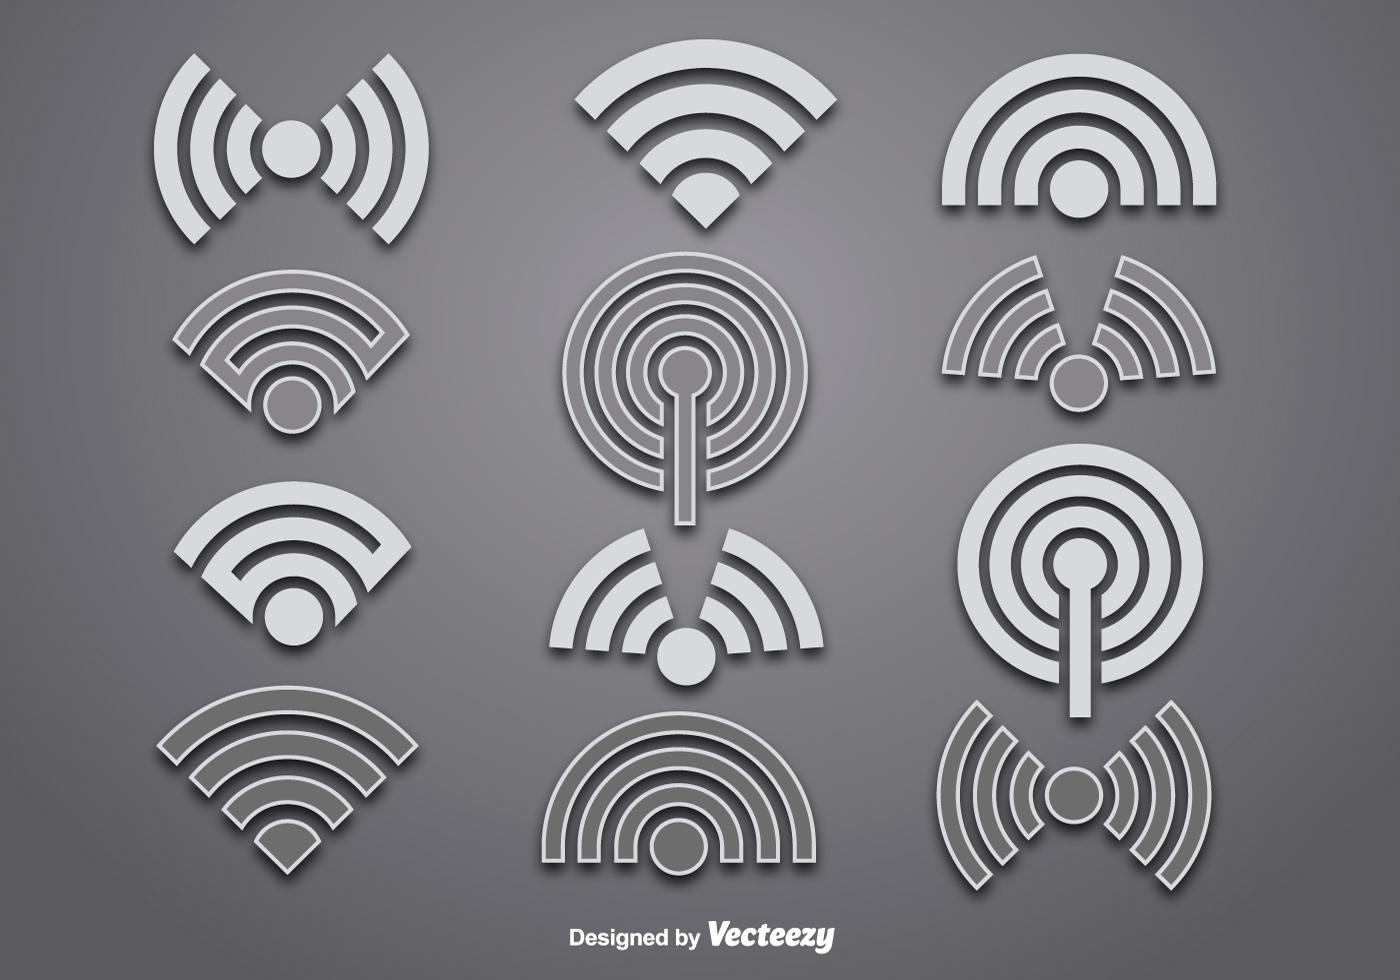 vector wifi logo vectors download free vector art stock